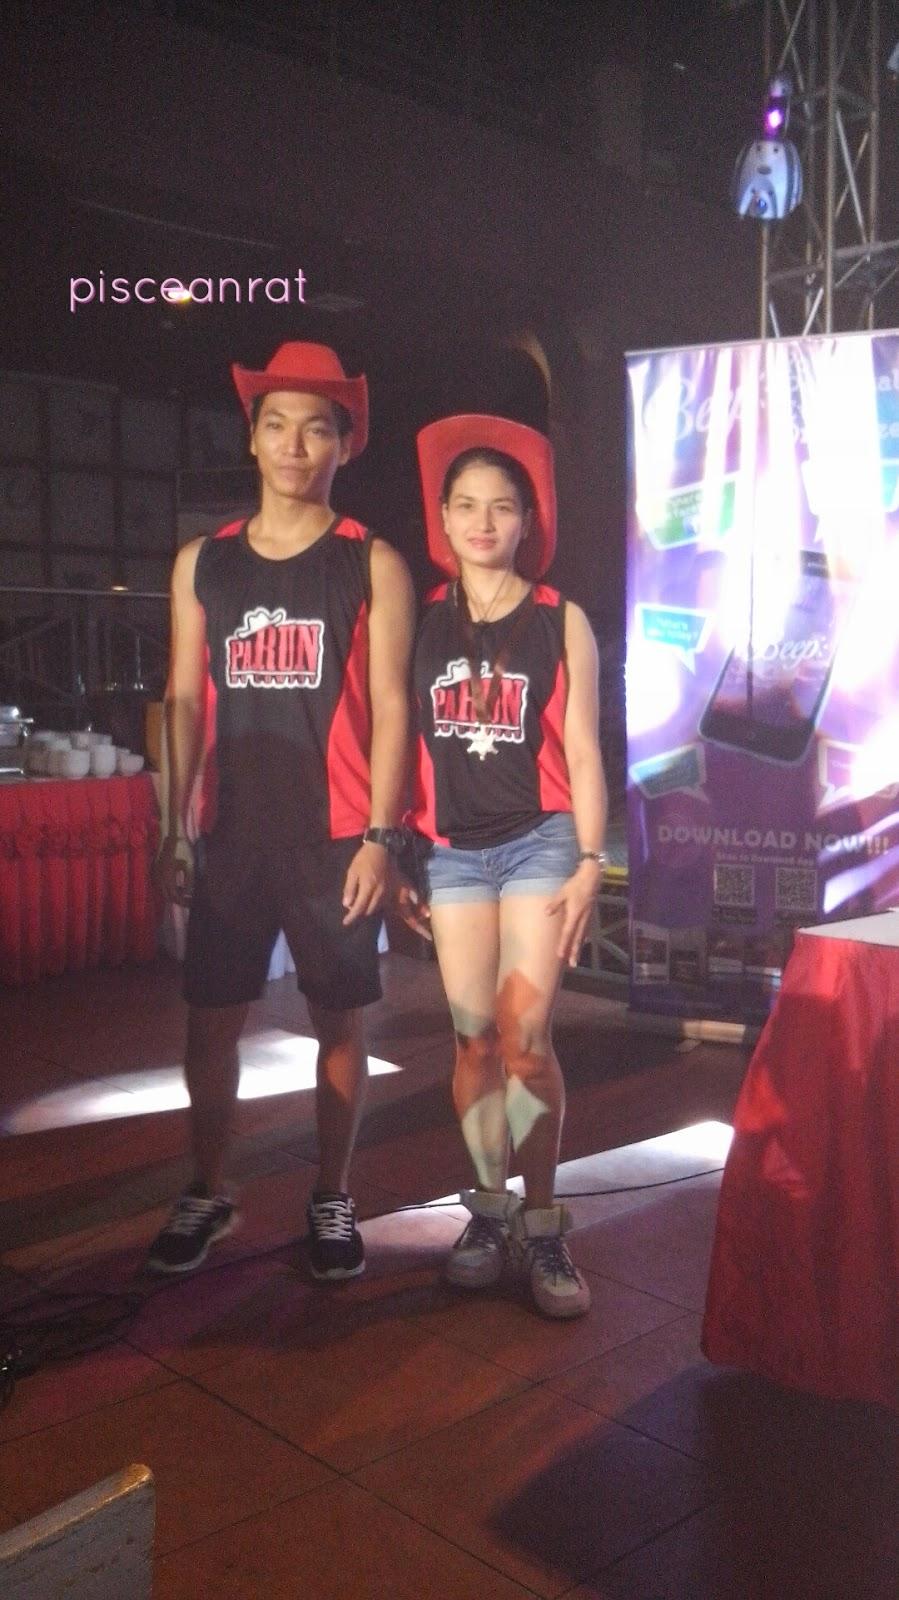 parun ng cowboy finisher, parun ng cowboy medal, parin ng cowboy schedule, fitness blogger philippines,